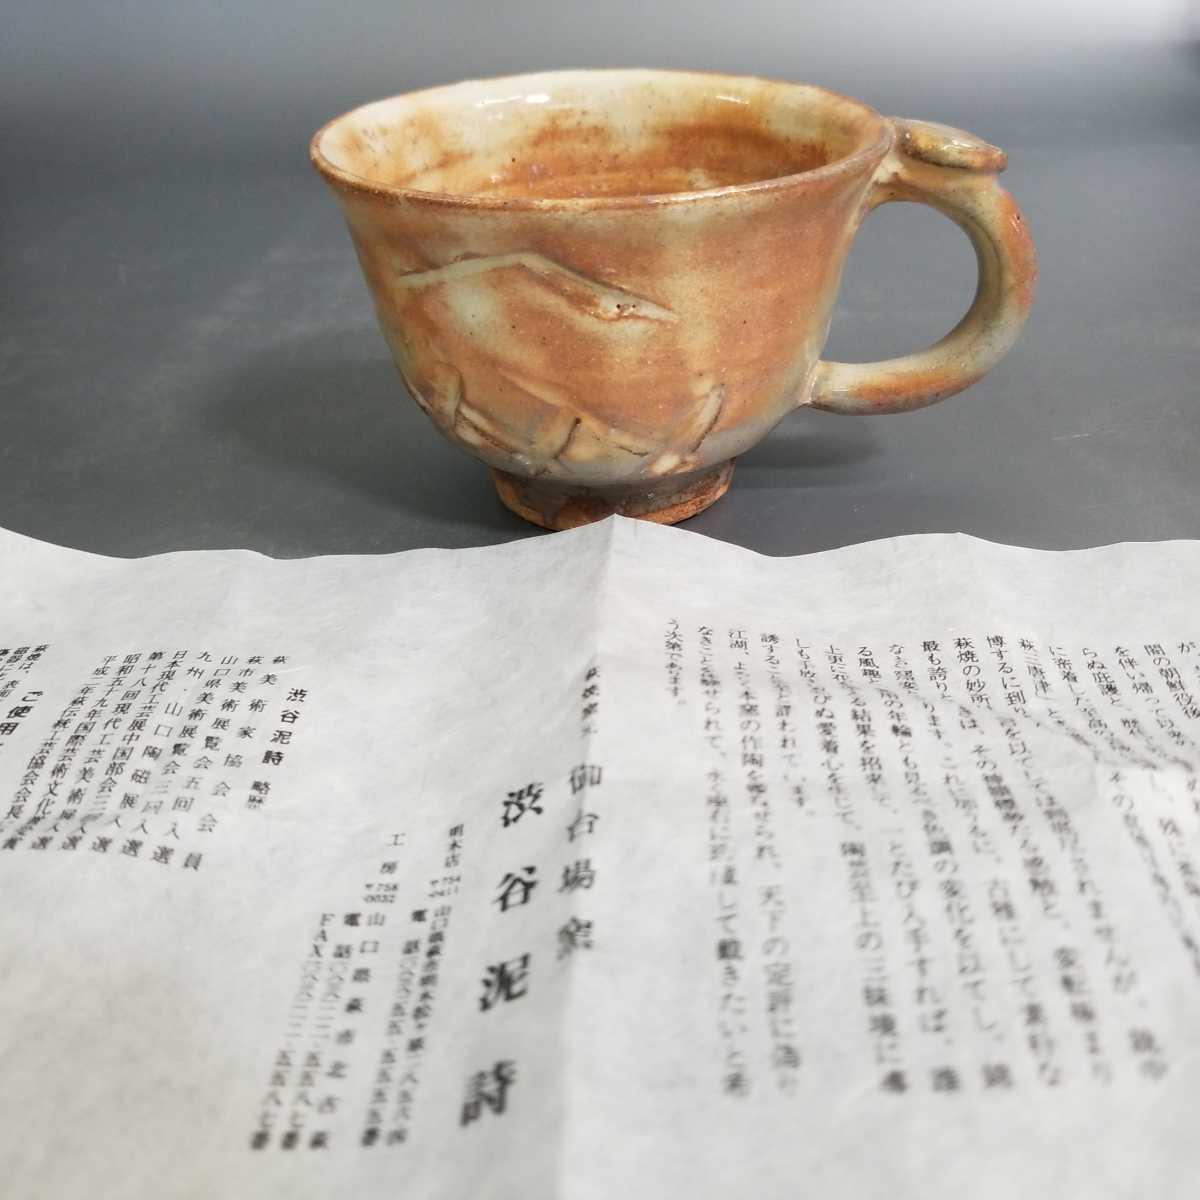 尚49)萩焼 渋谷泥詩 見島コーヒーカップ マグカップ 珈琲器 茶器 未使用新品 同梱歓迎_画像9